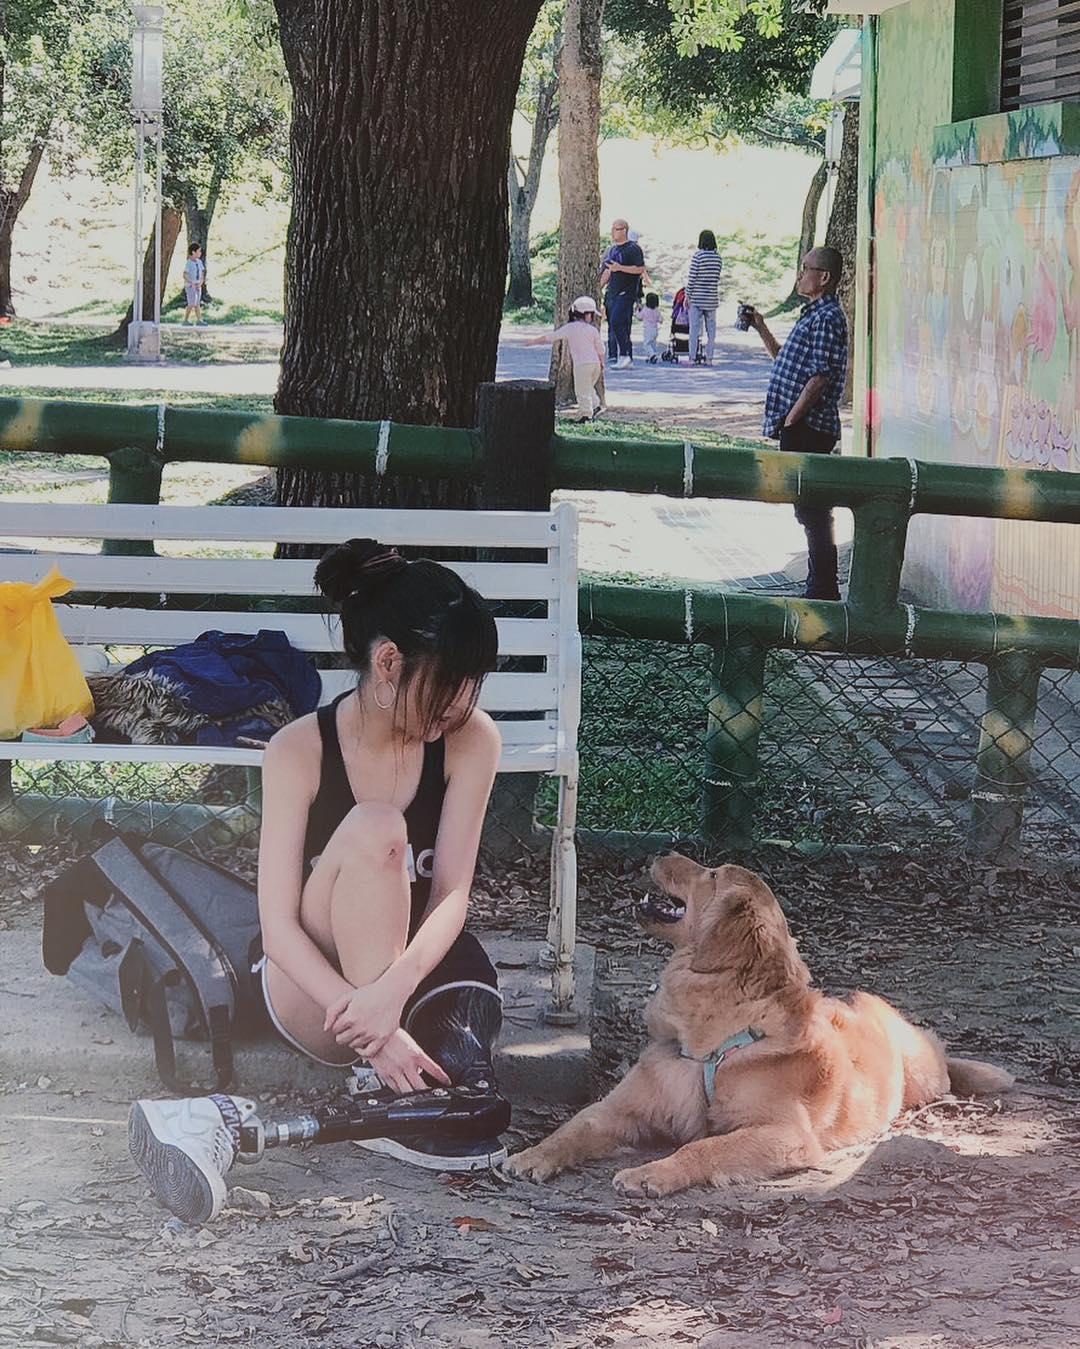 稅尹不時在IG分享生活照,還養了一隻黃金獵犬。(翻攝自稅尹IG)